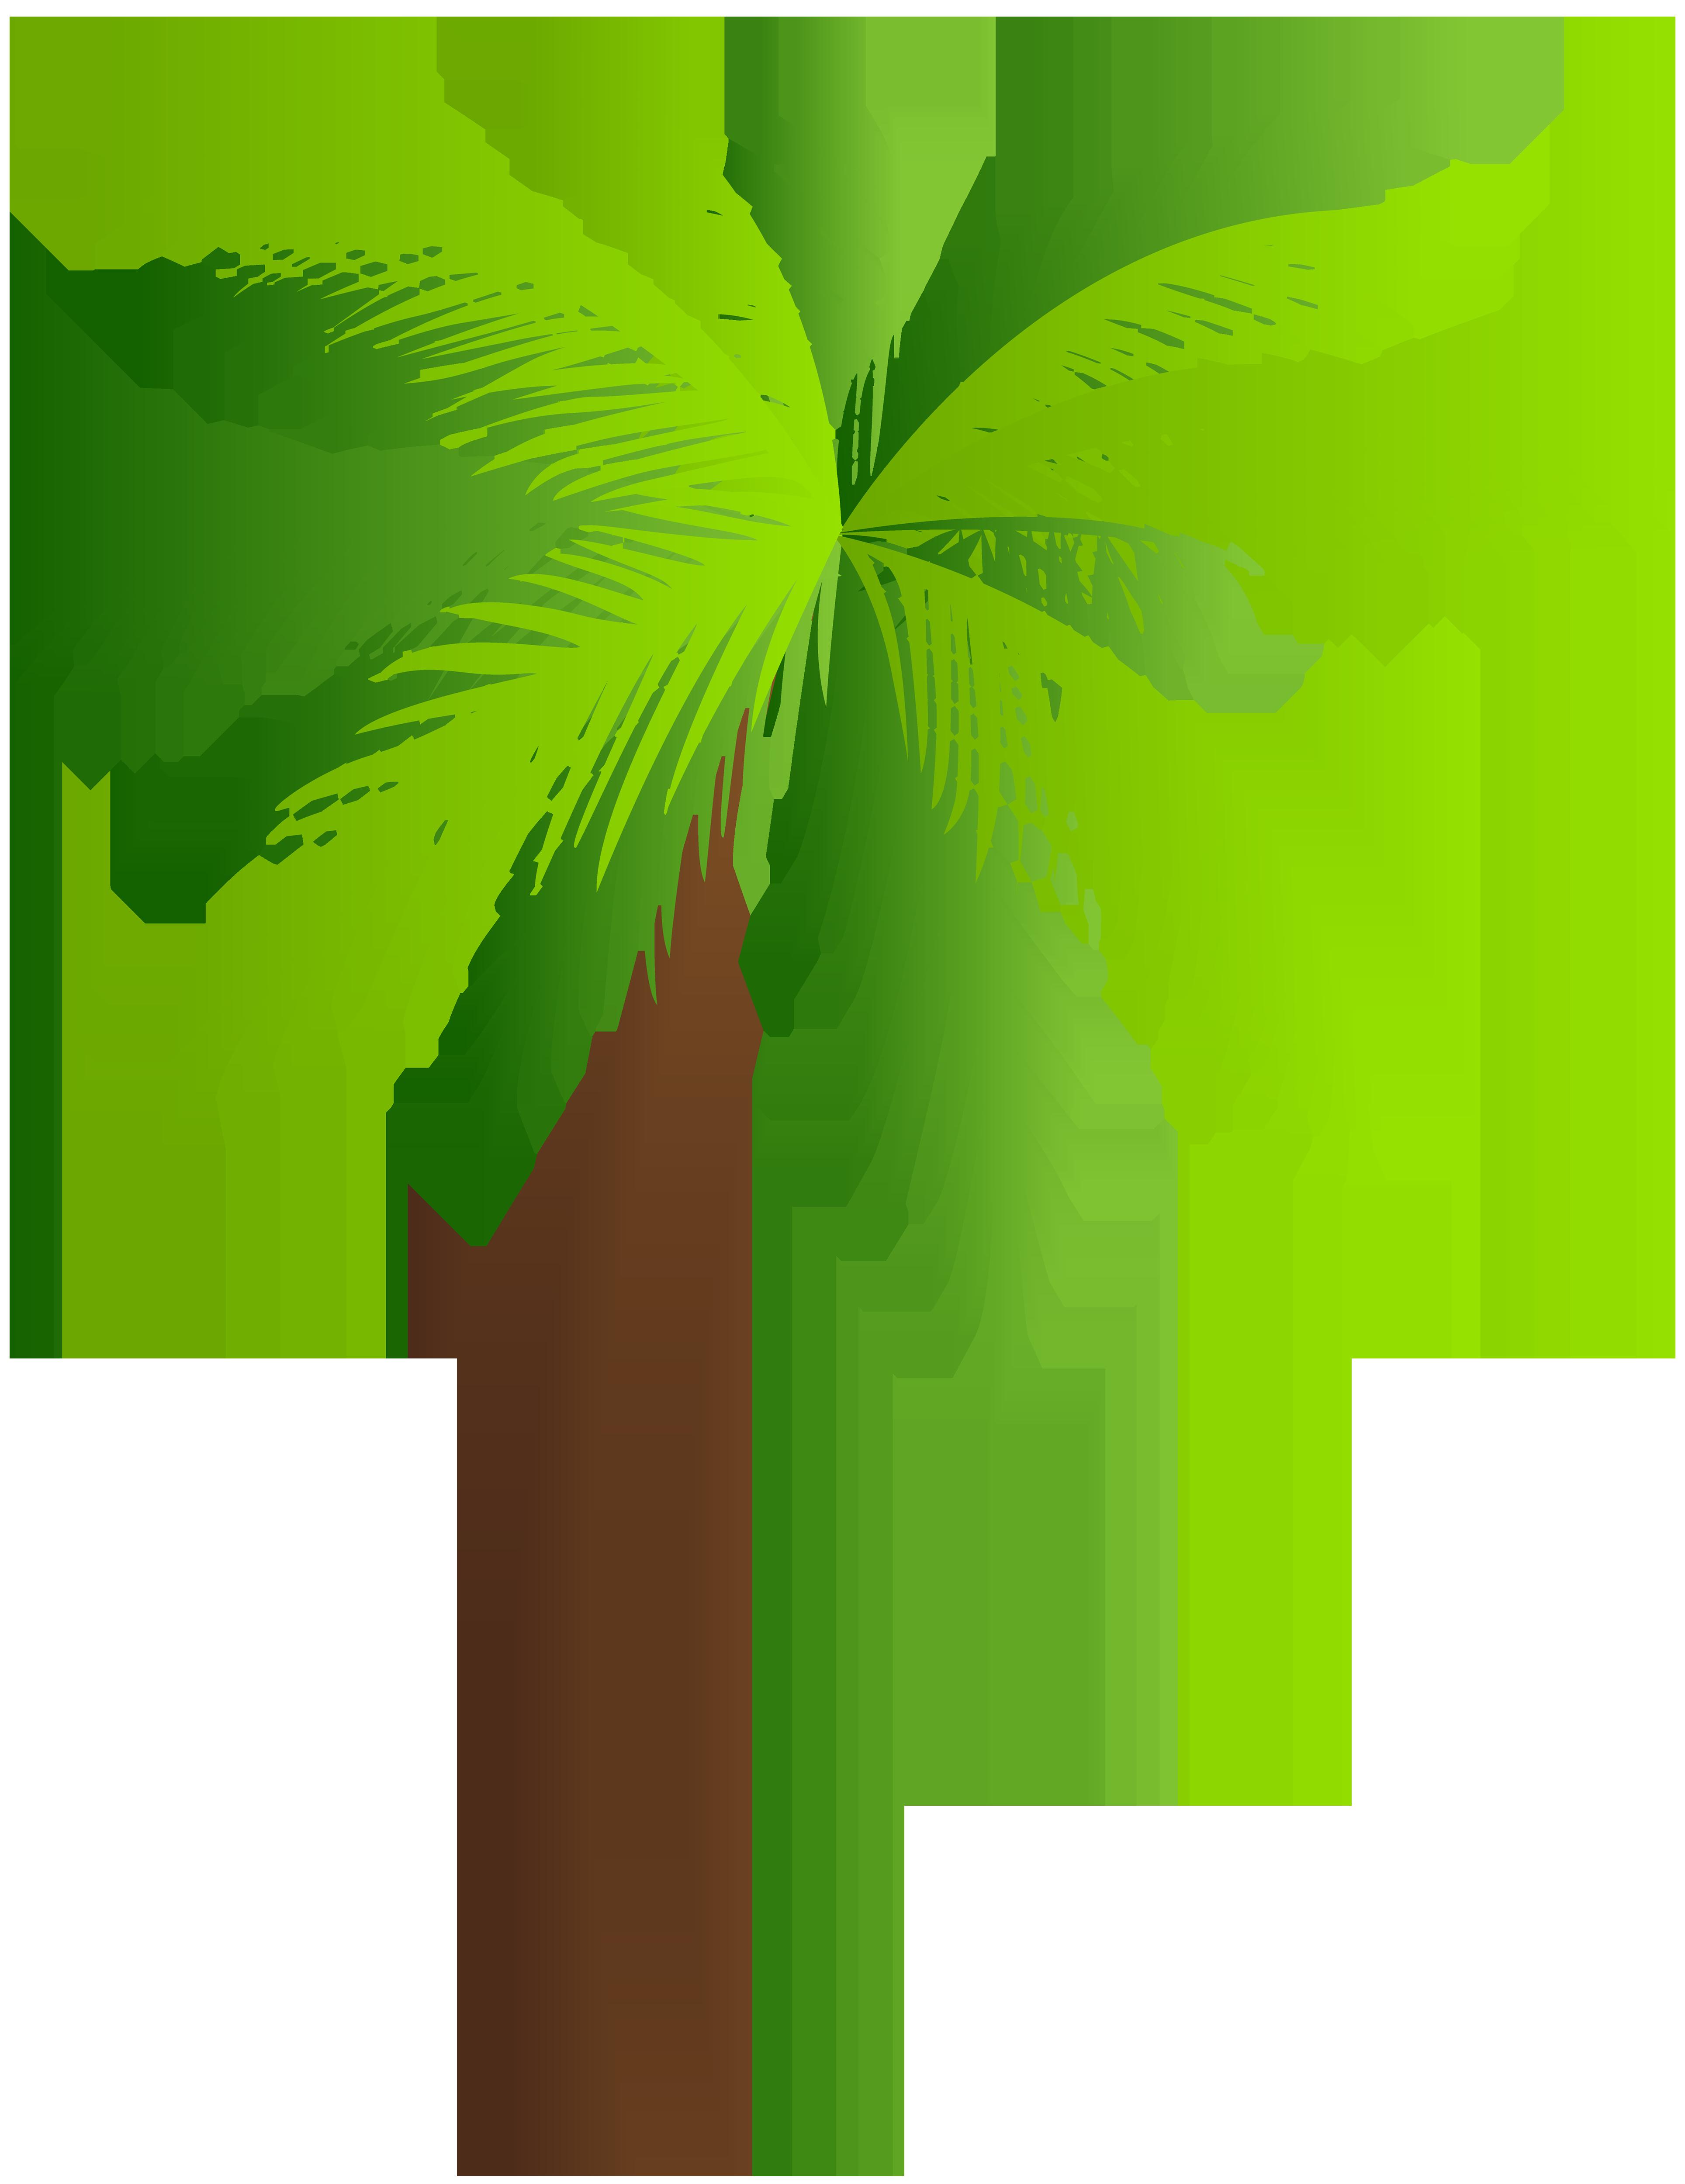 Grains clipart tree. Palm png clip art